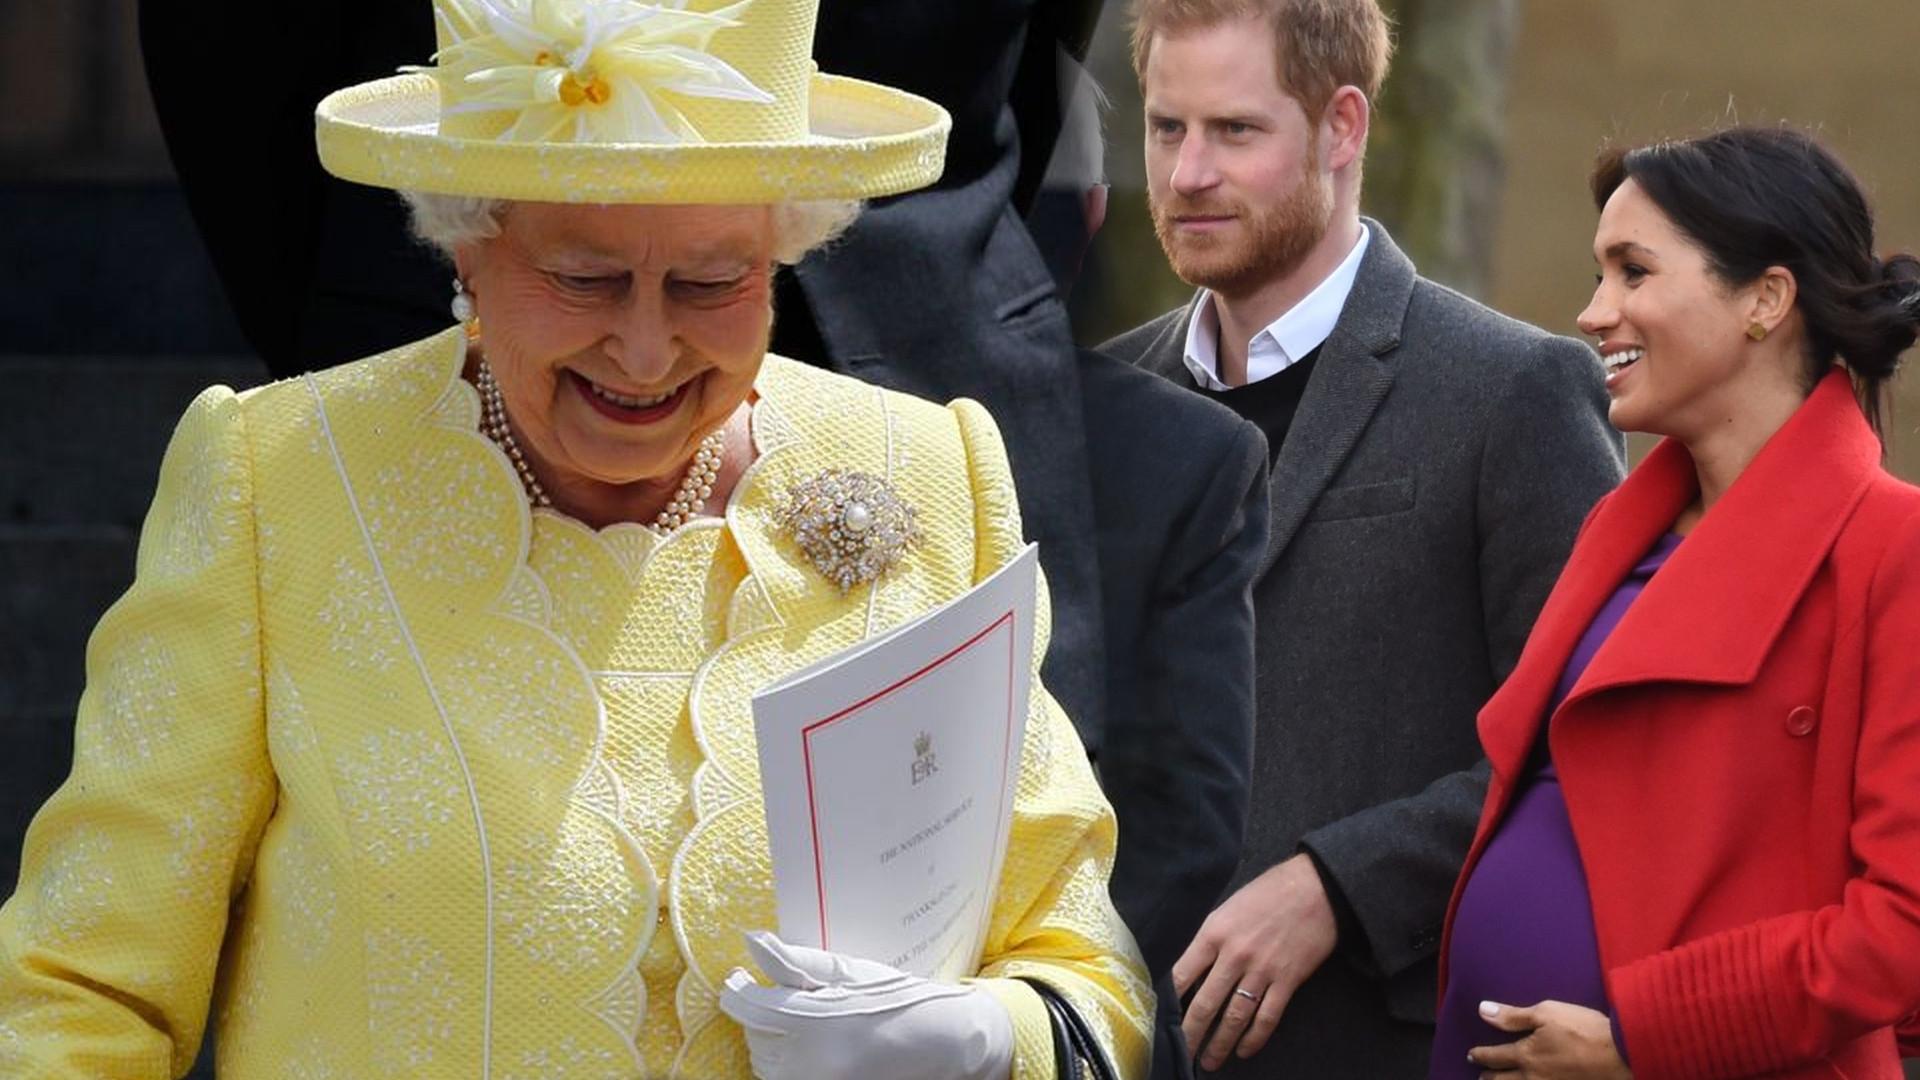 Internauci są WŚCIEKLI za te zdjęcia rodziny królewskiej: Jak możecie nam to robić?